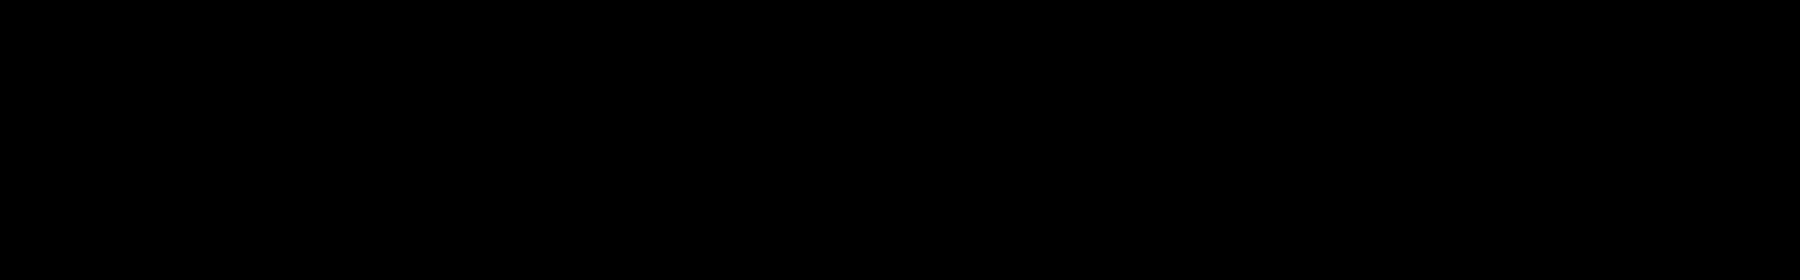 CHAINSMOKERZ VOL.2 audio waveform